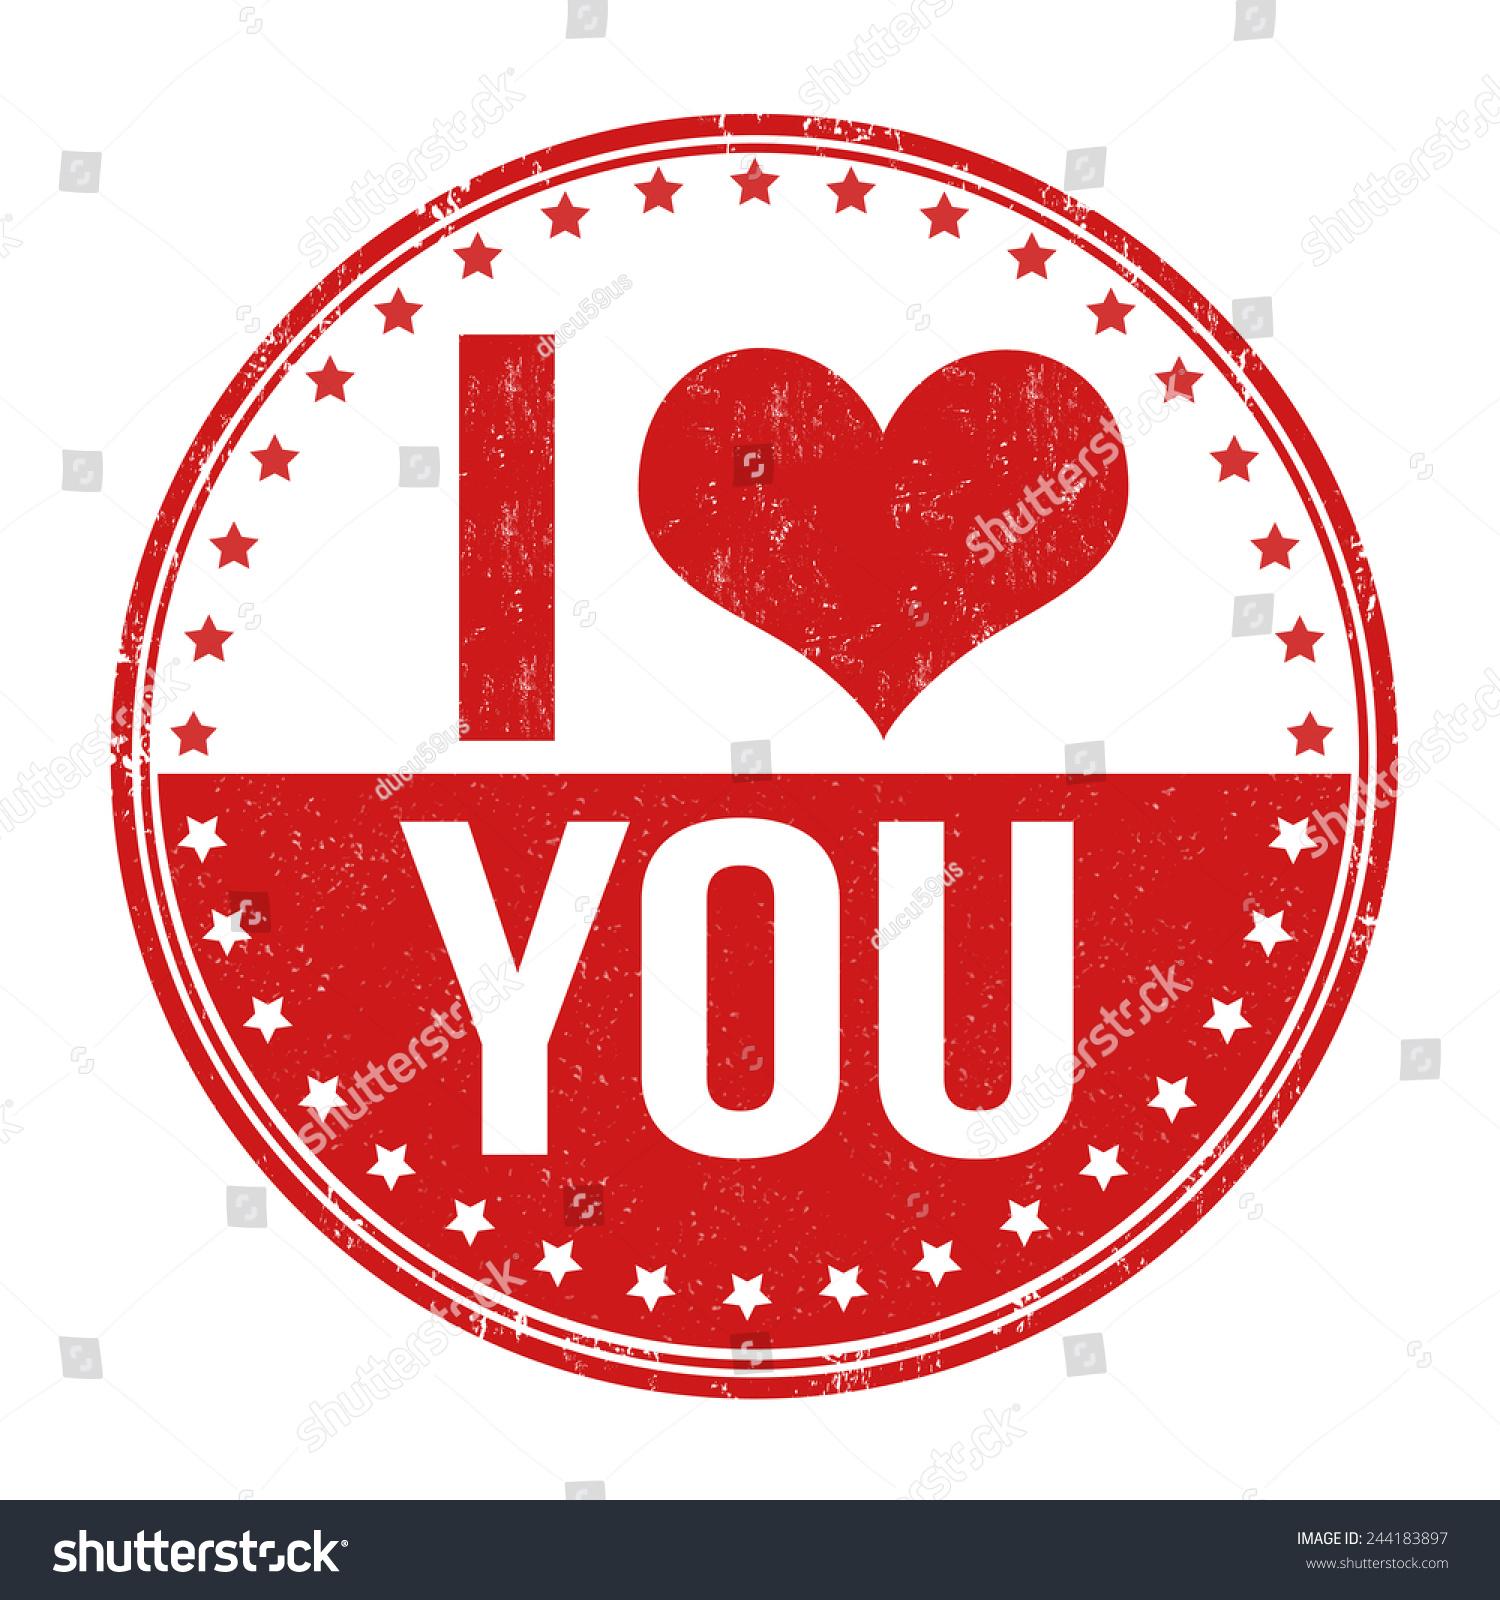 我爱你蹩脚的橡皮图章在白色背景矢量图-符号/标志